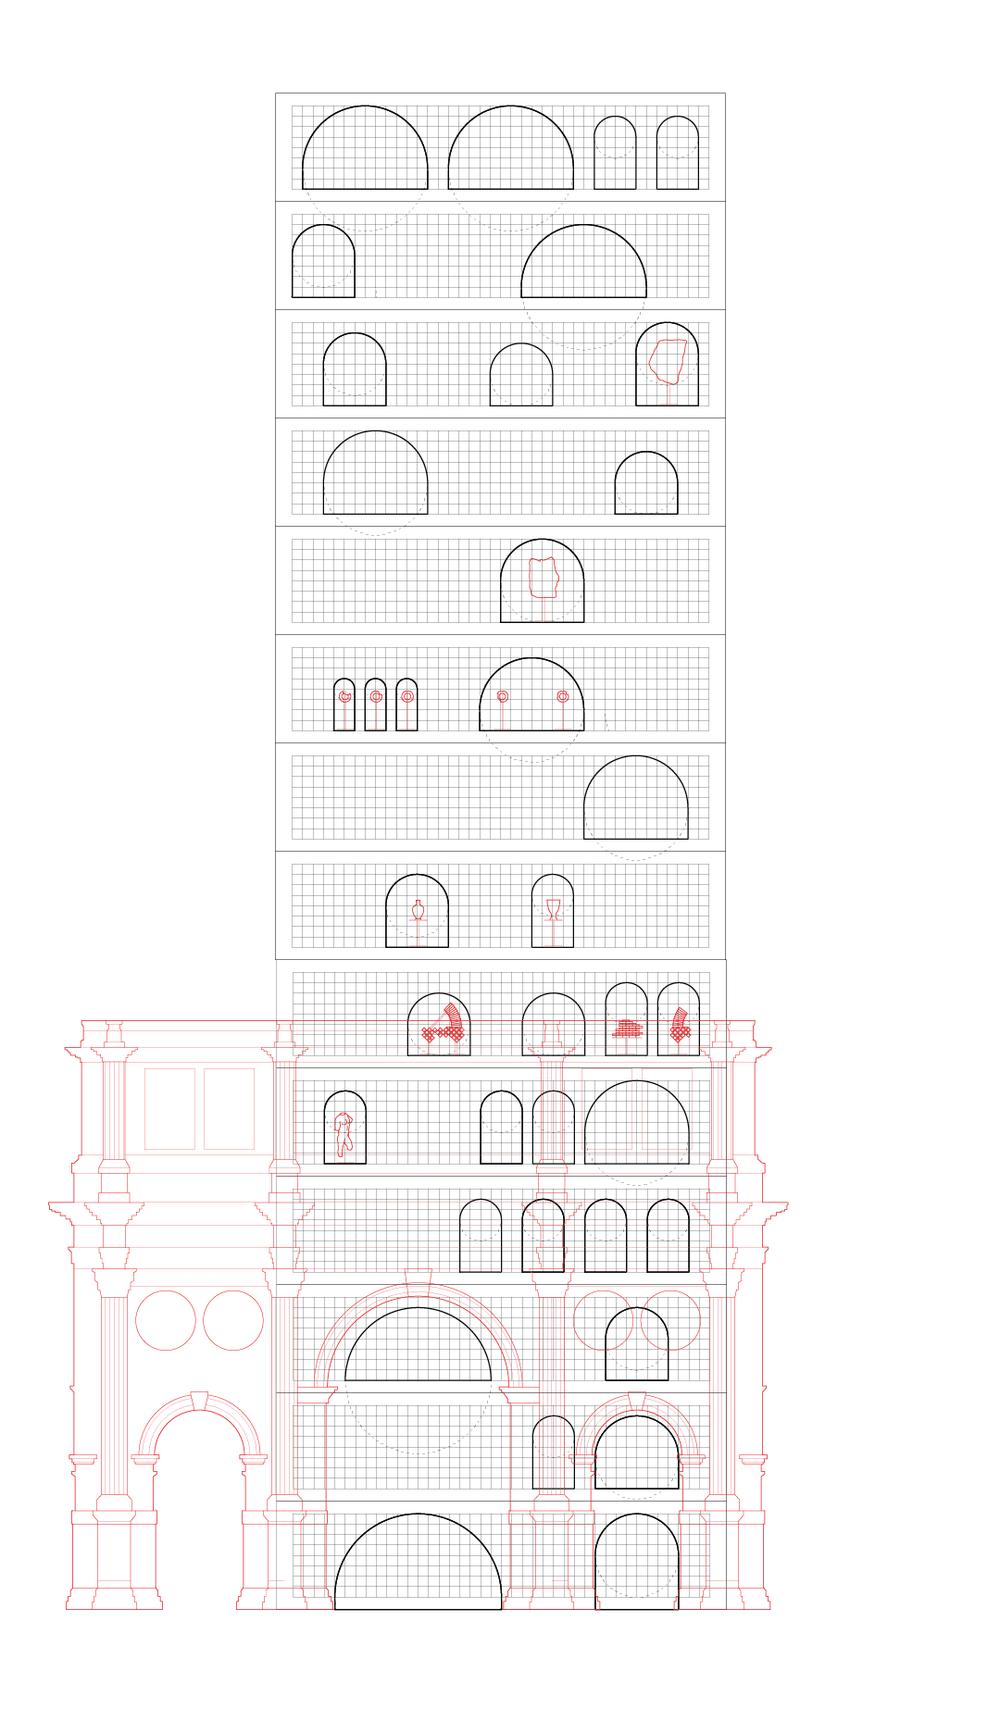 Diagram-2.png